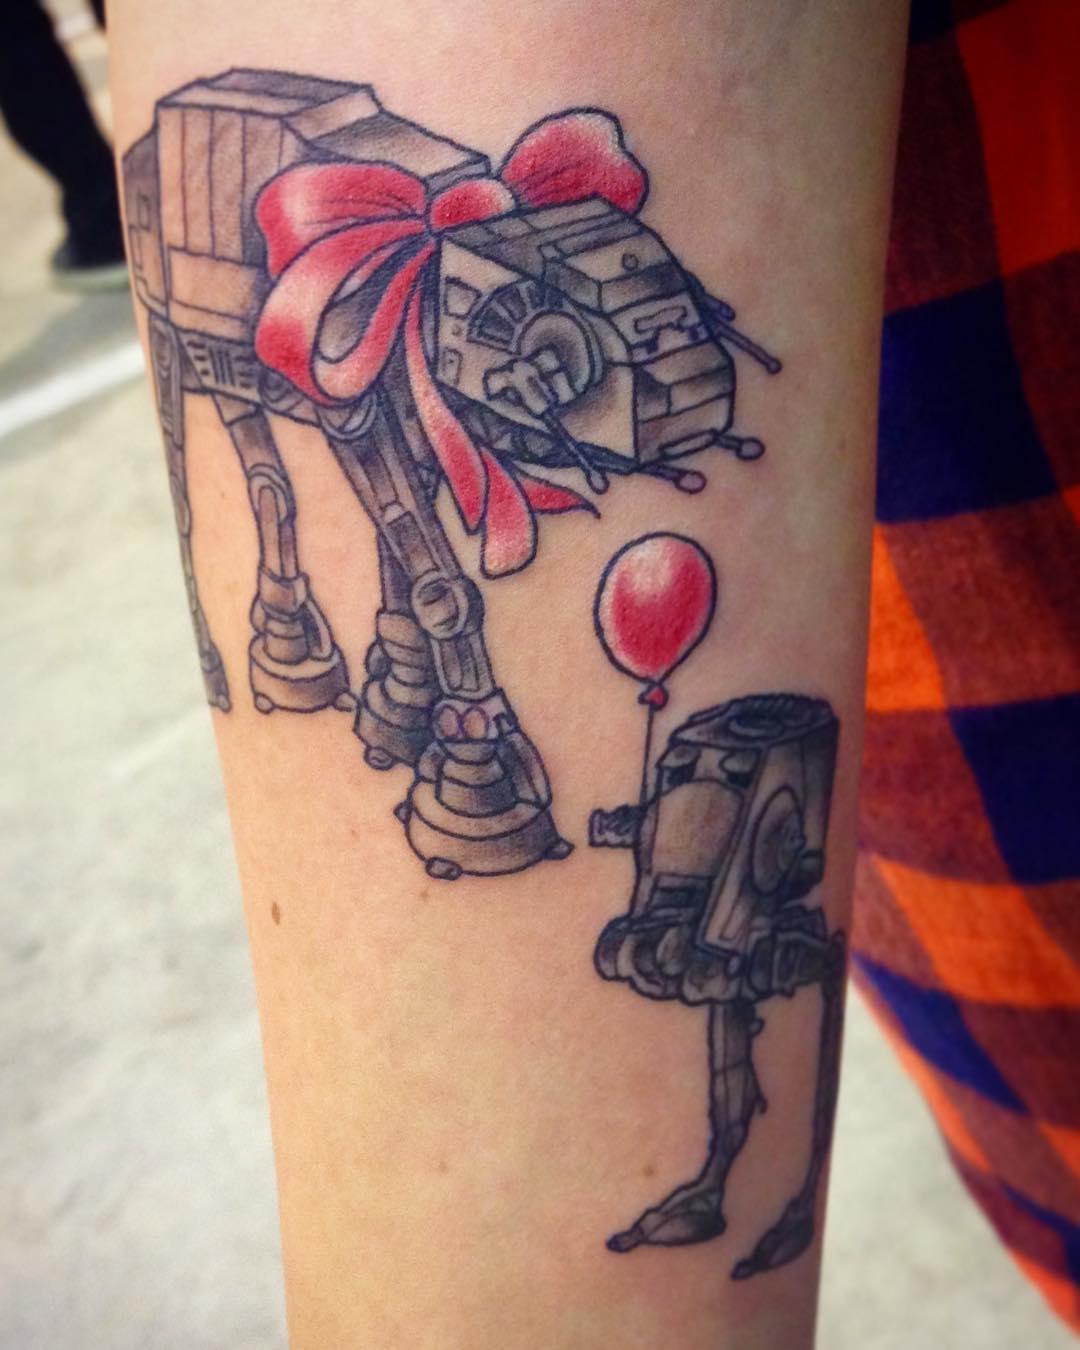 Nerd stuff @kaiserstadt_tattoo_expo_aachen Day 2  #tattoo#tattoing#tatovering#ta...